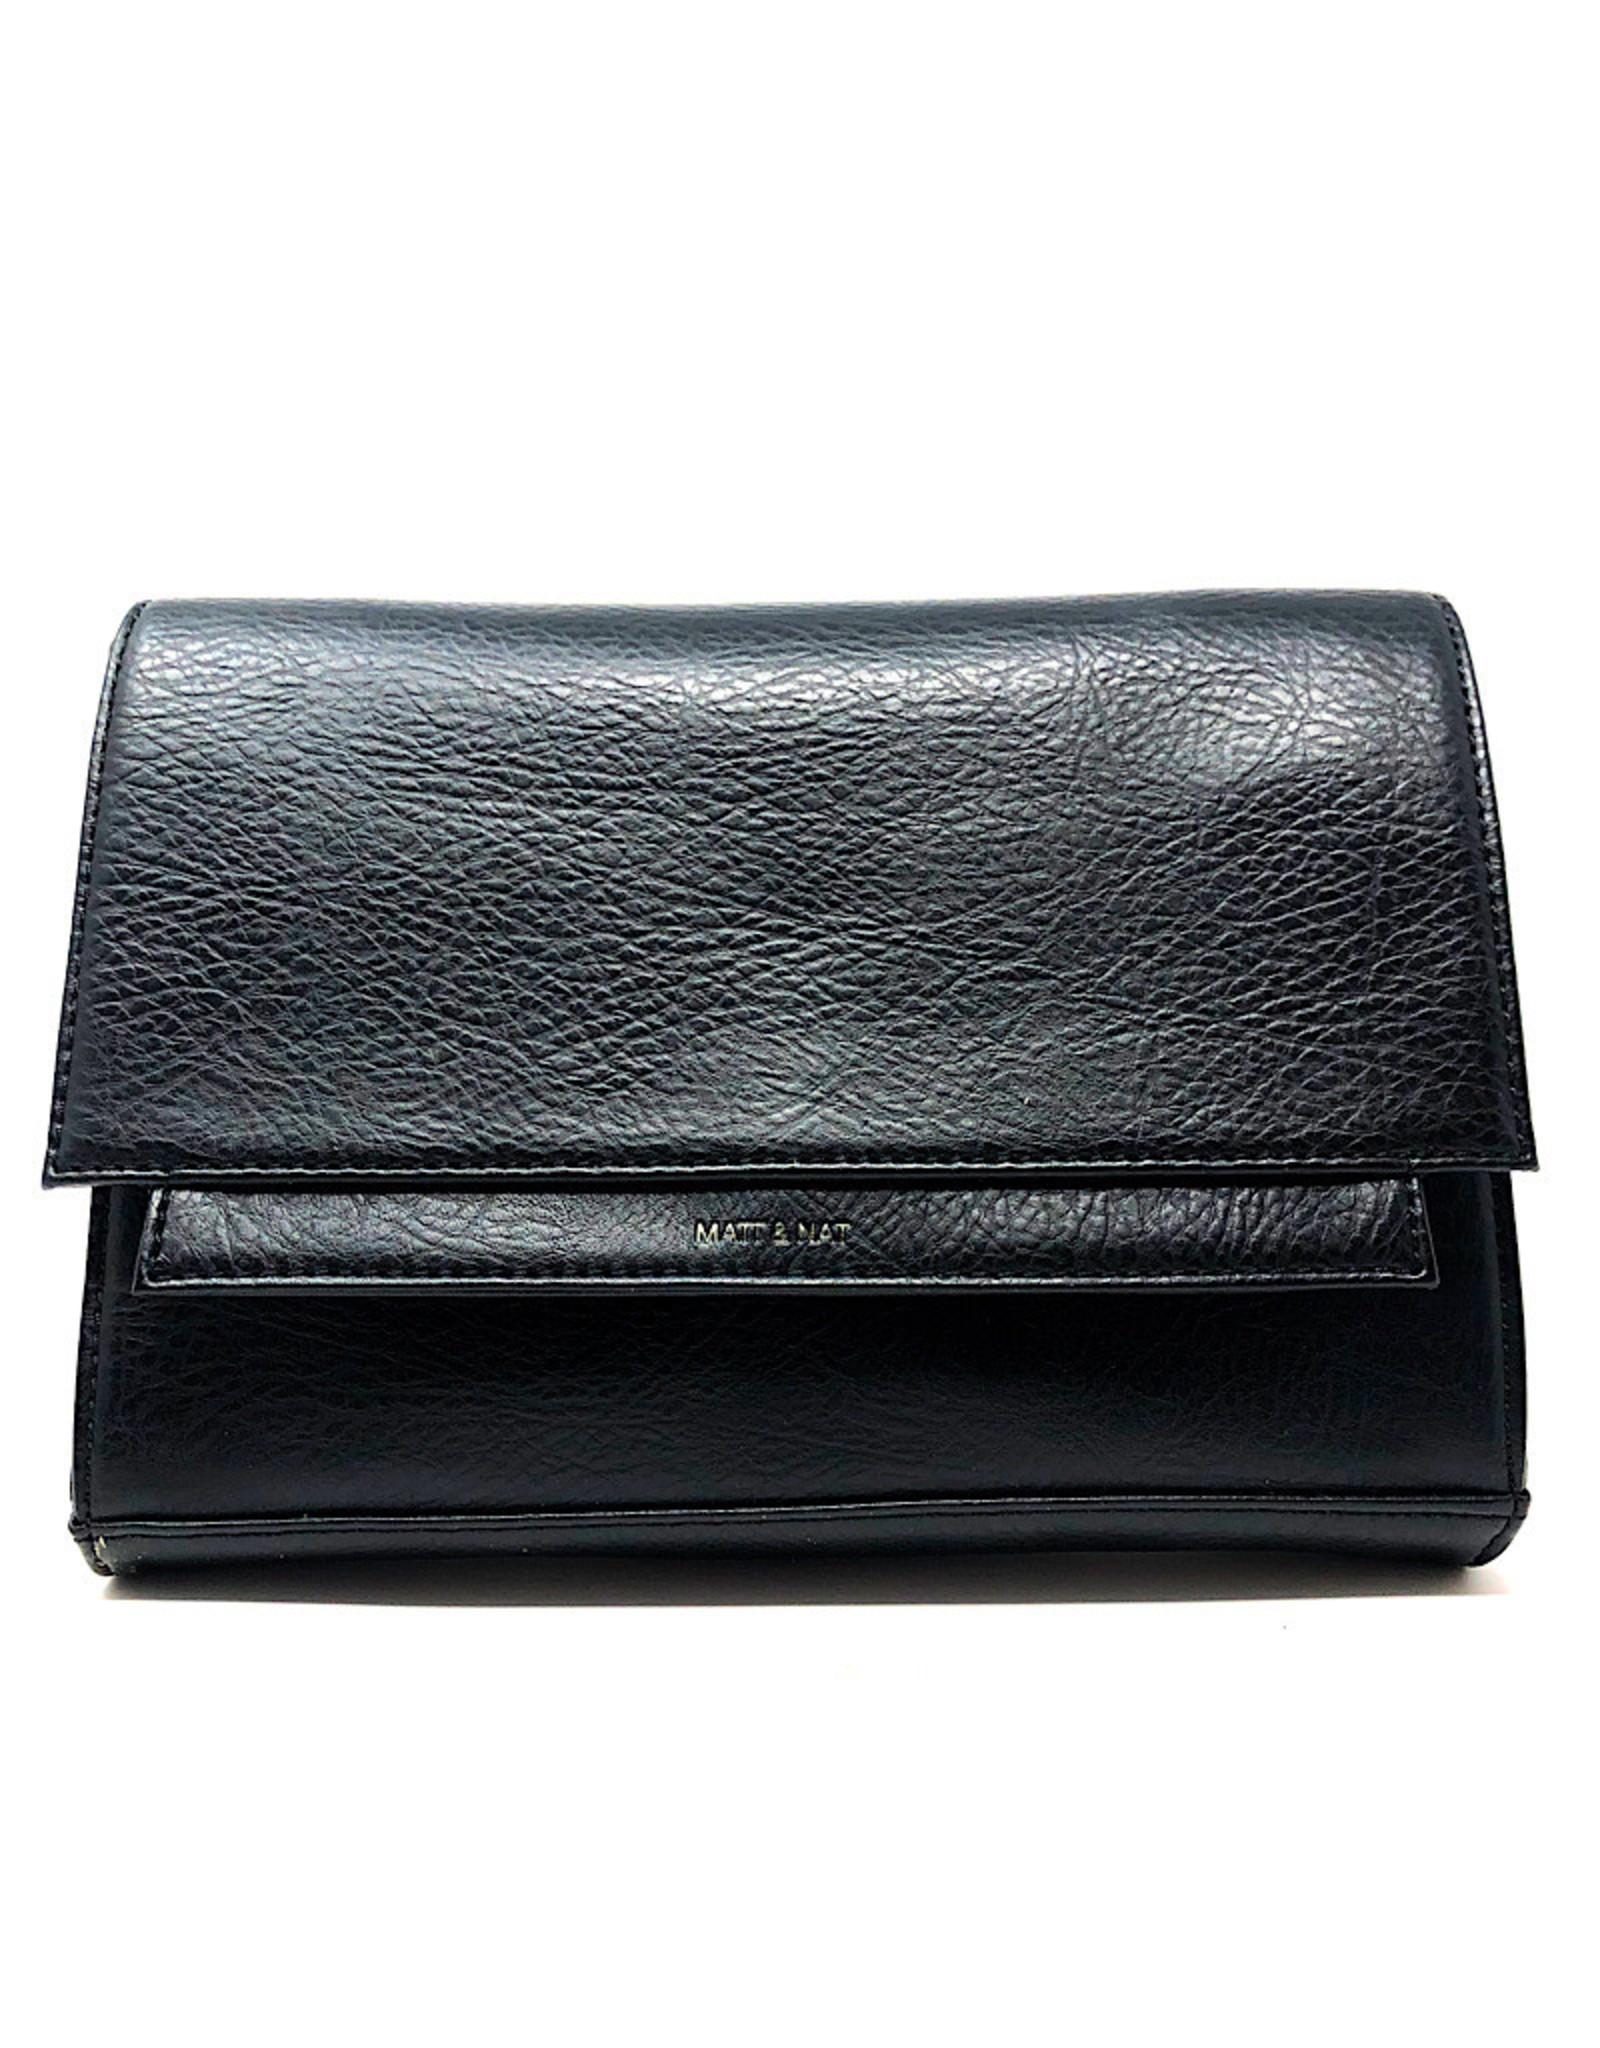 Matt & Nat Crossbody Bag DWELL Black